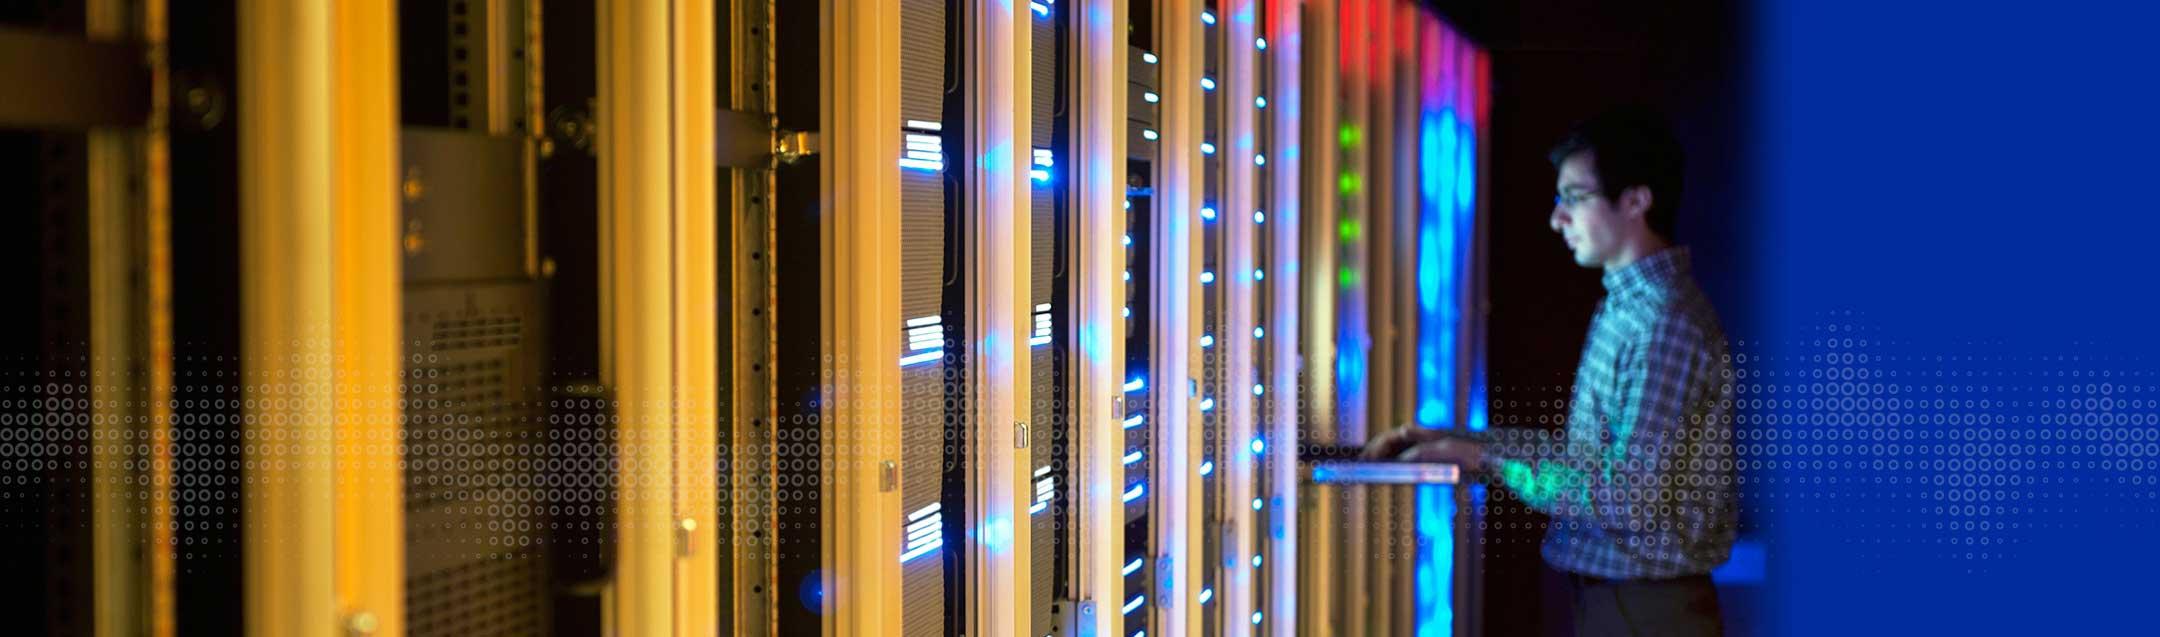 Centros de Dados e TI